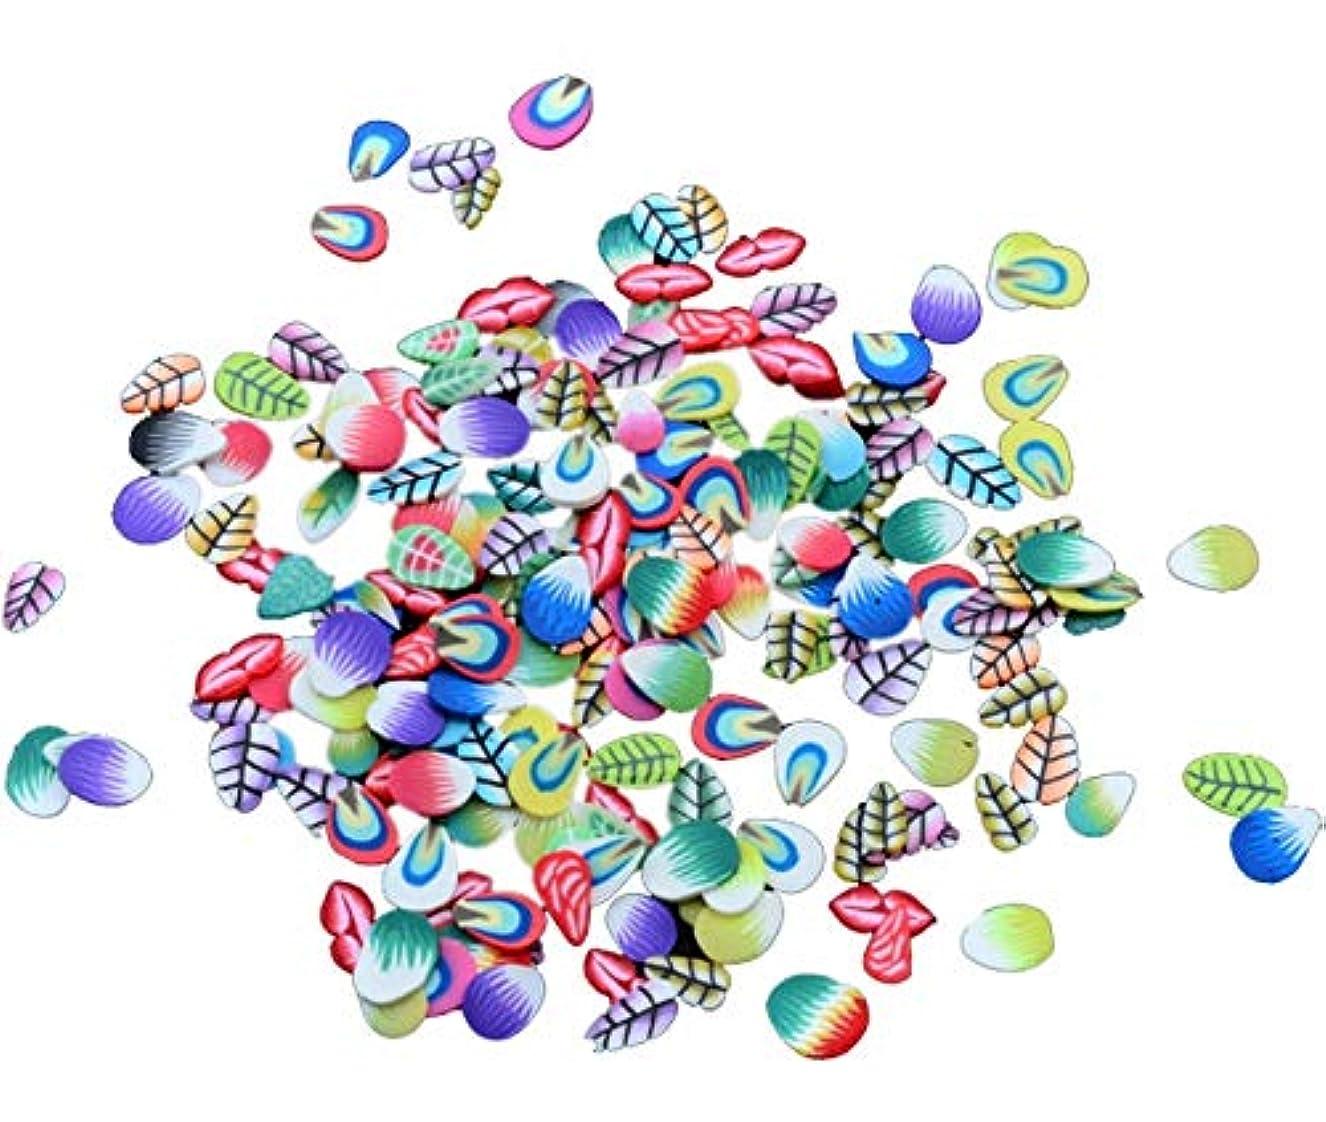 テンポブランクリダクターTianmey ソフト陶磁器デザインネイルアートステッカーマニキュア美しいファッションアクセサリー装飾DIYモバイル美容パッチ千個 (Color : Feather)